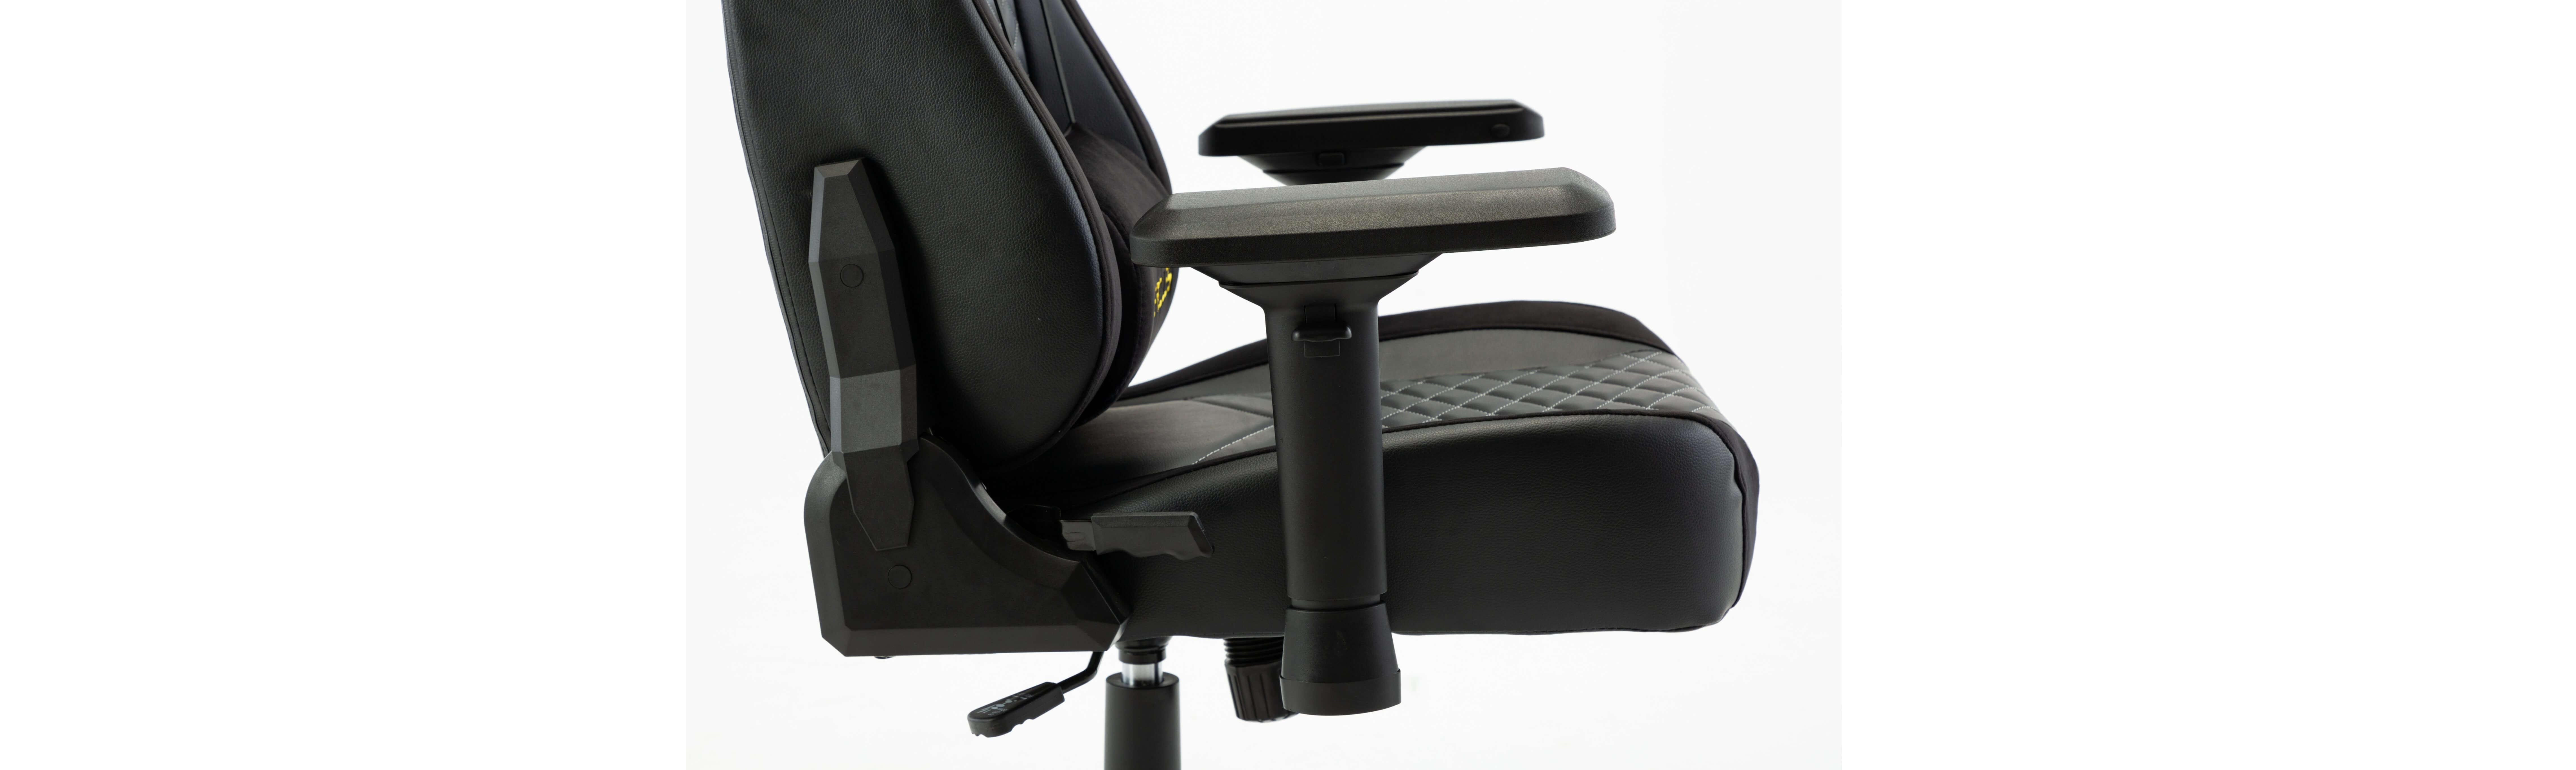 Ghế gamer E-Dra Hercules EGC203 Pro Black/White có thiết kế với độ hoàn thiện tốt